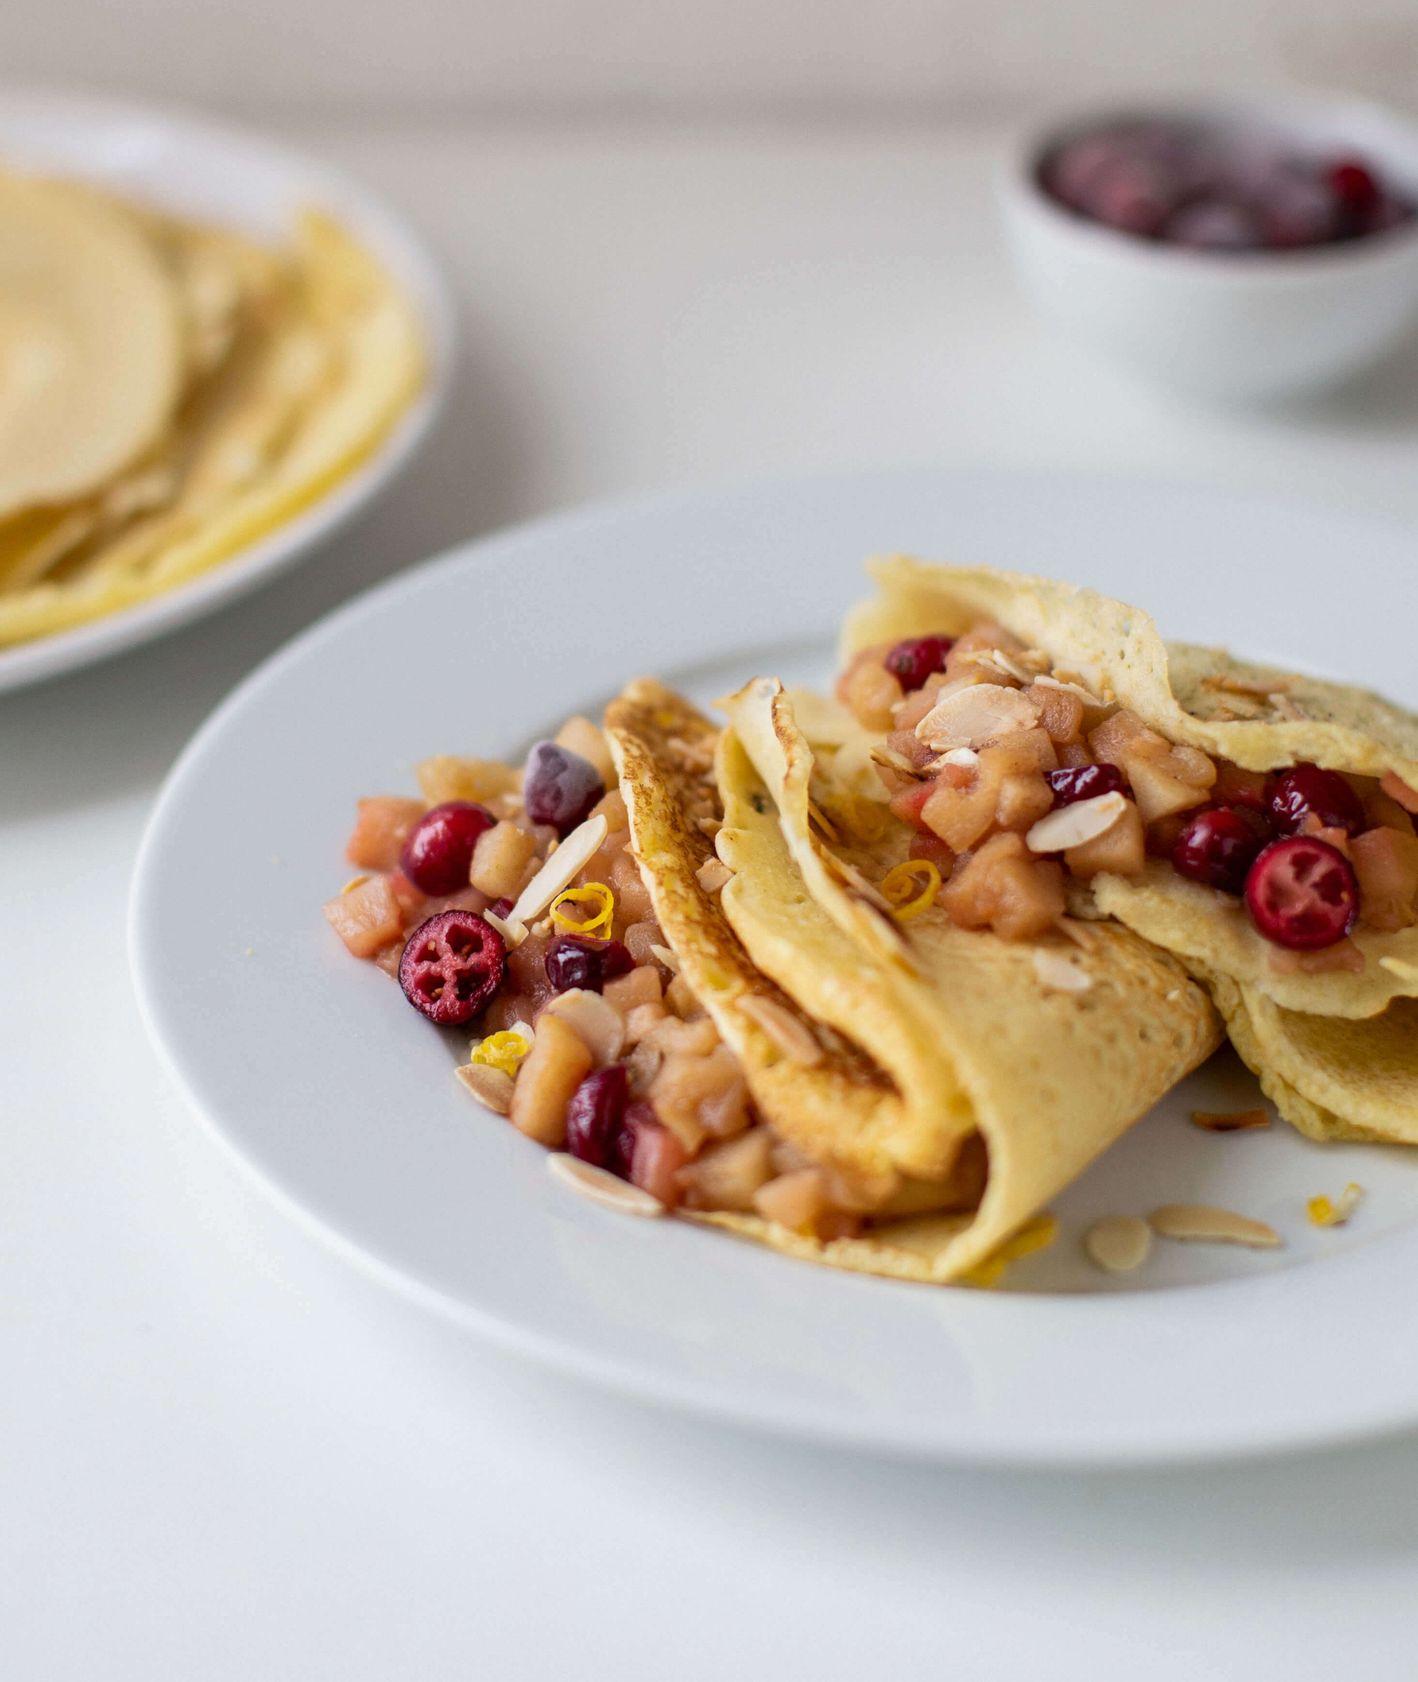 naleśniki ryżowe z jabłkami, naleśniki bezglutenowe, placki bez glutenu, placki, naleśniki z mąki ryżowej, naleśniki z jabłkami, prażone jabłka